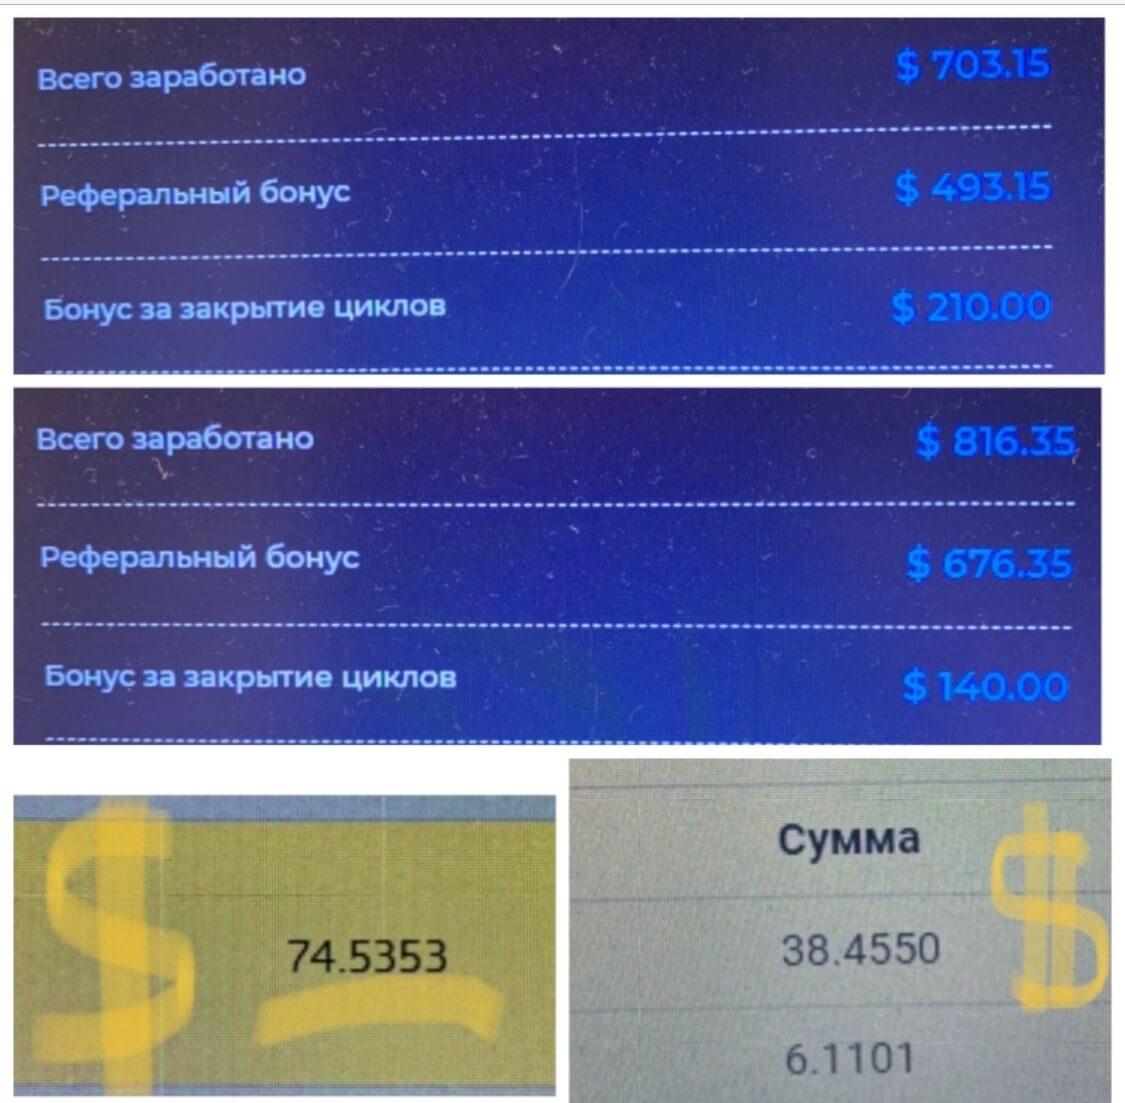 мой доход за месяц